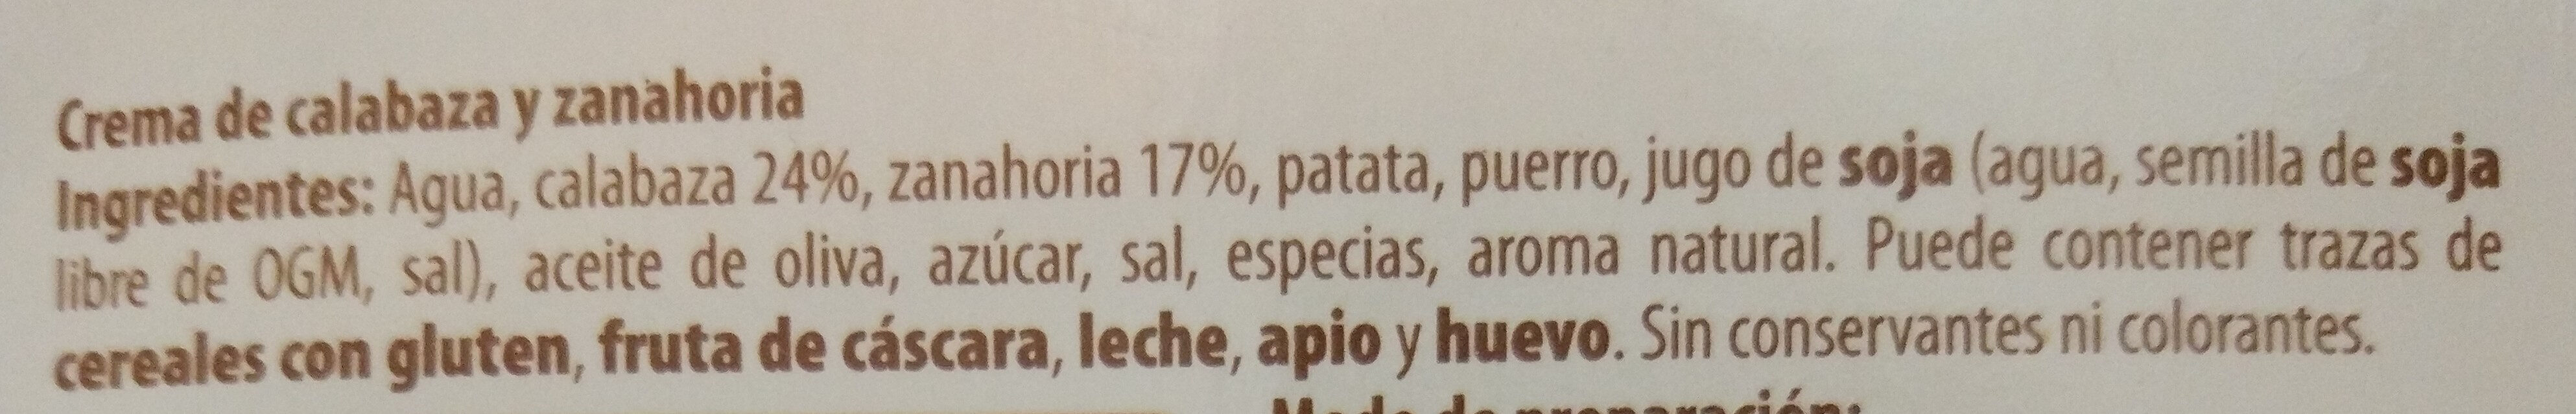 Crema de calabaza y zanahoria - Ingredients - es